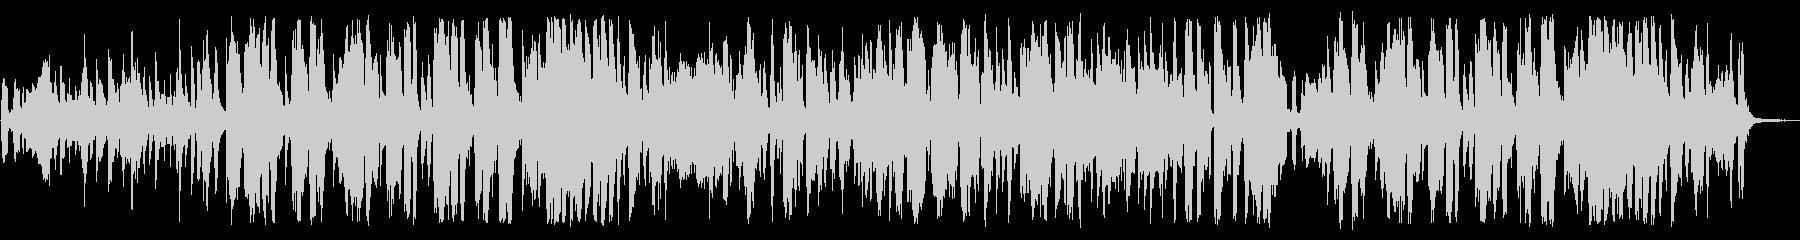 クラシック曲をリゾートパーティーアレンジの未再生の波形